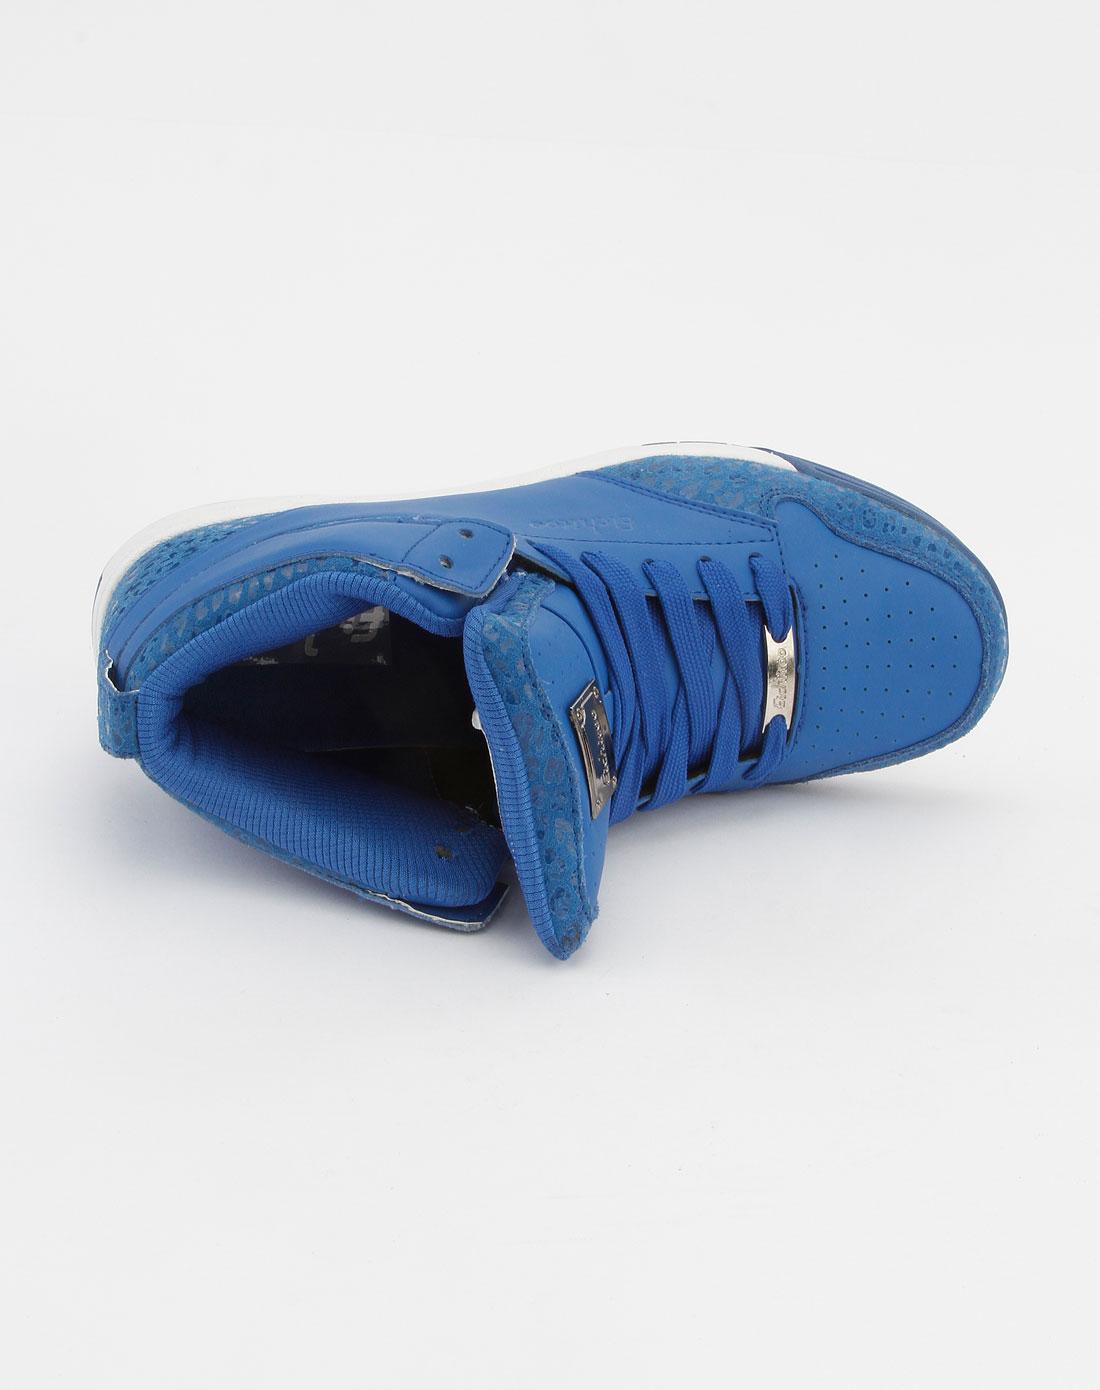 爱居兔eichitoo蓝色系带运动鞋axzj3b004010